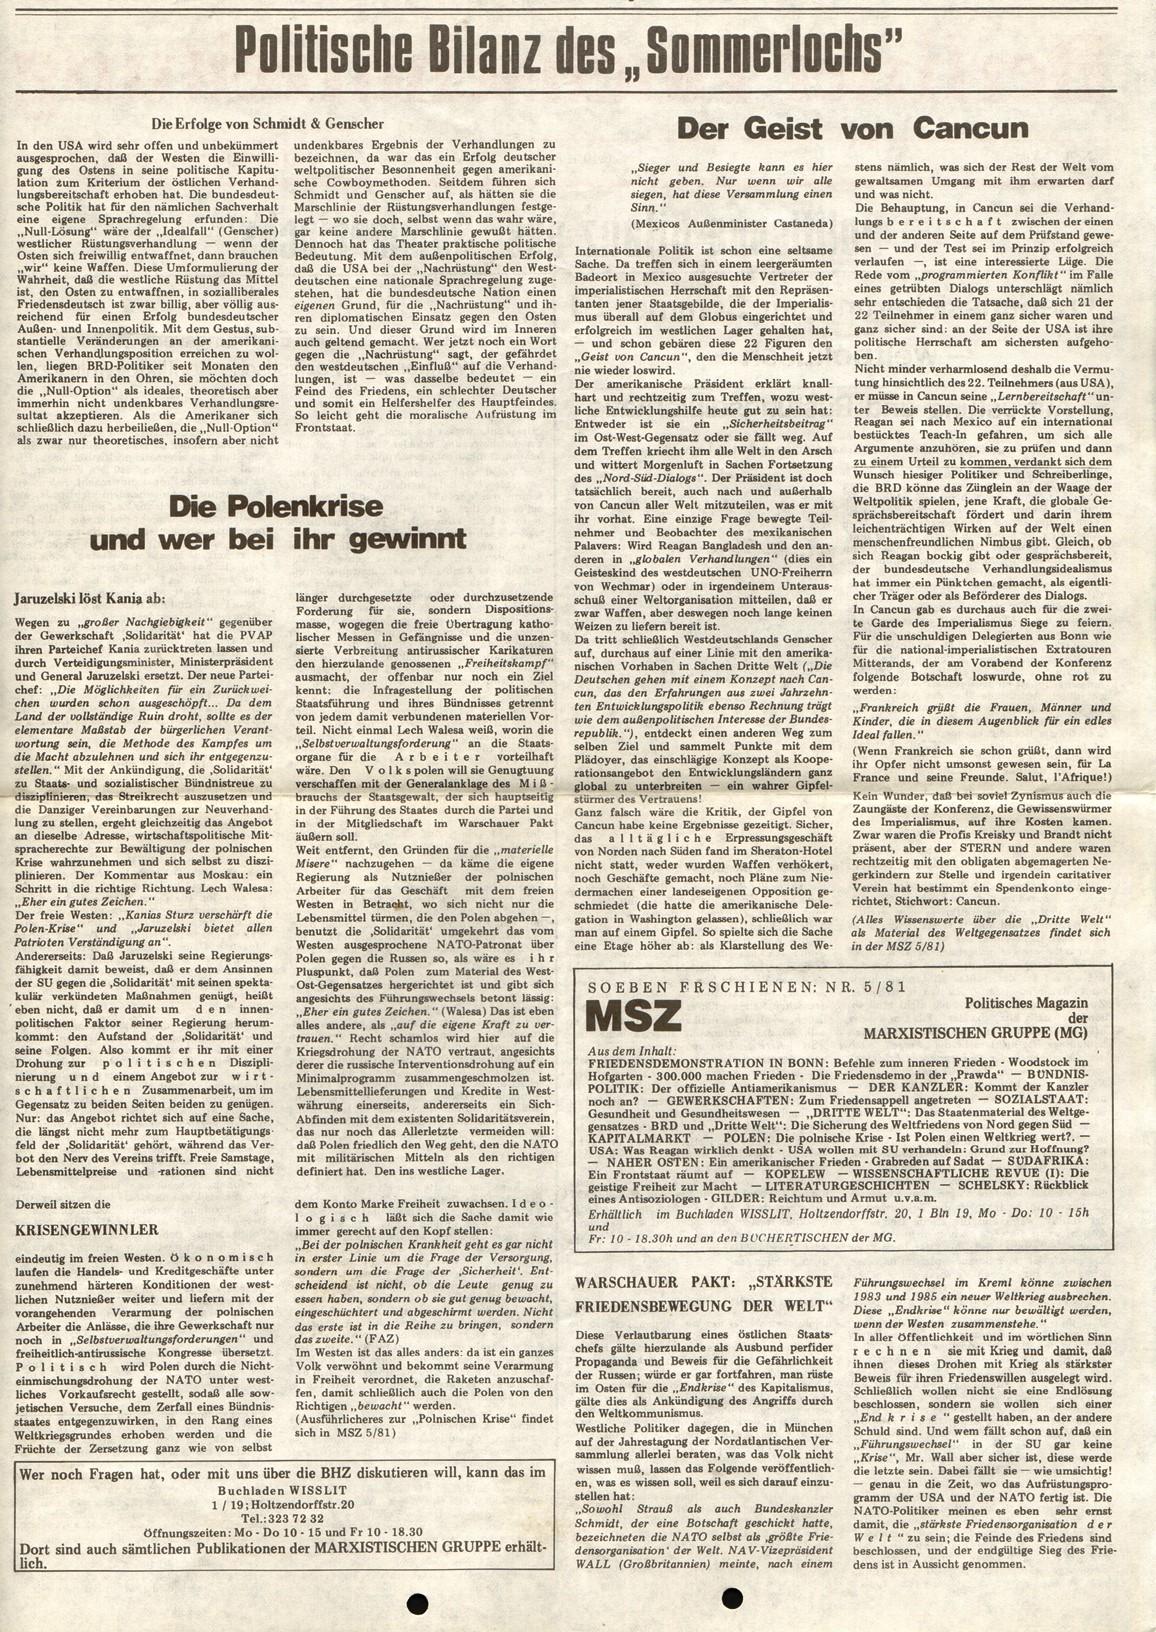 Berlin_MG_Hochschulzeitung_19811026_02